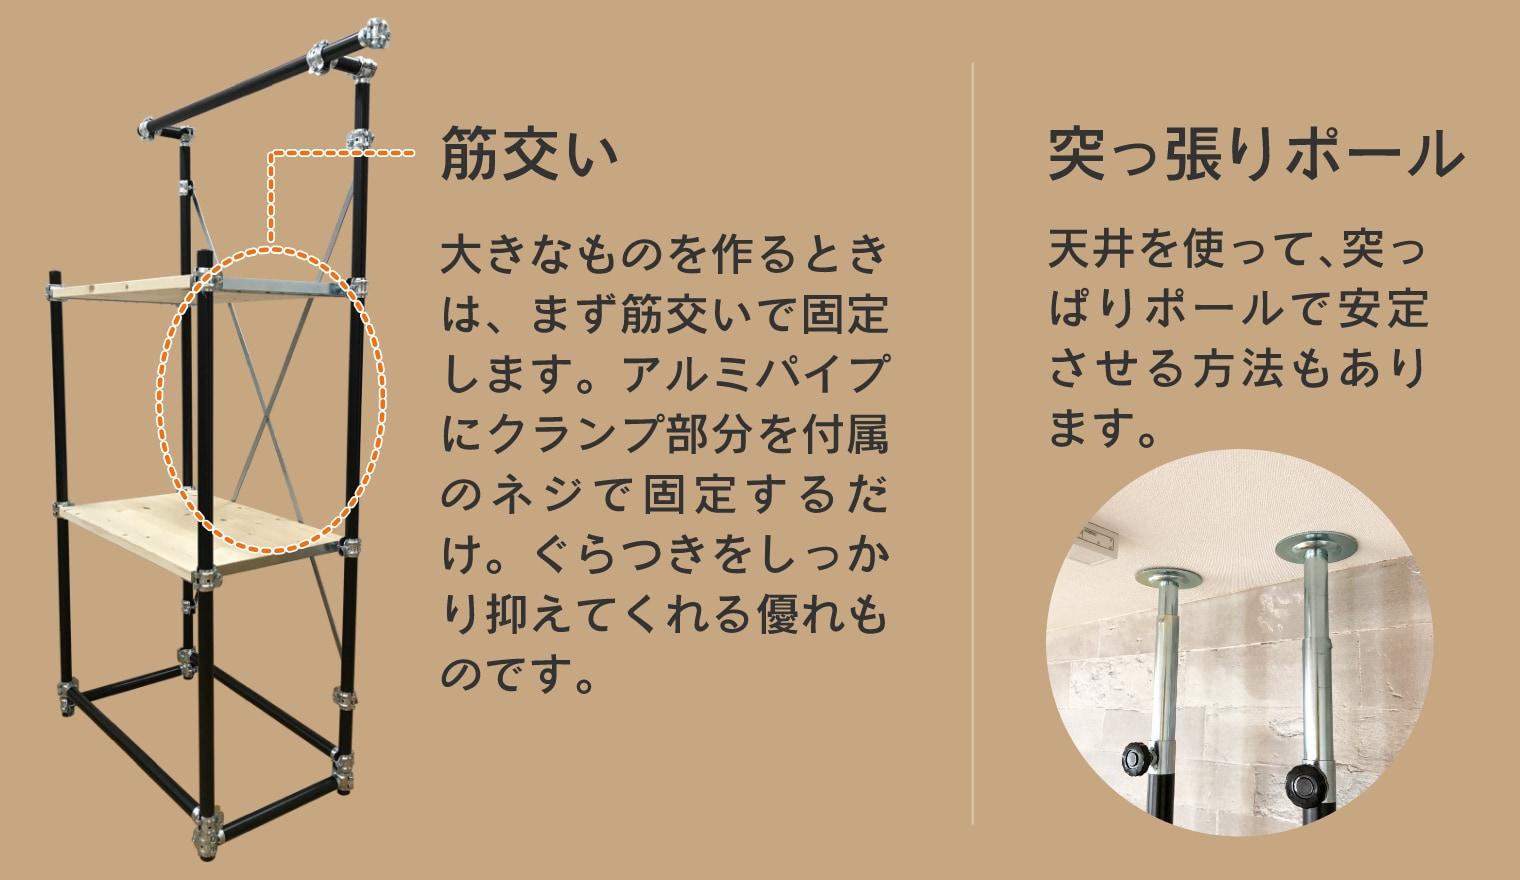 アリスト応用編 (筋交い)大きなものを作るときは、まず筋交いで固定します。アルミパイプにクランプ部分を付属のネジで固定するだけ。ぐらつきをしっかり抑え得てくれる優れものです。(突っ張りポール)天井を使って、突っ張りポールで安定させる方法もあります。